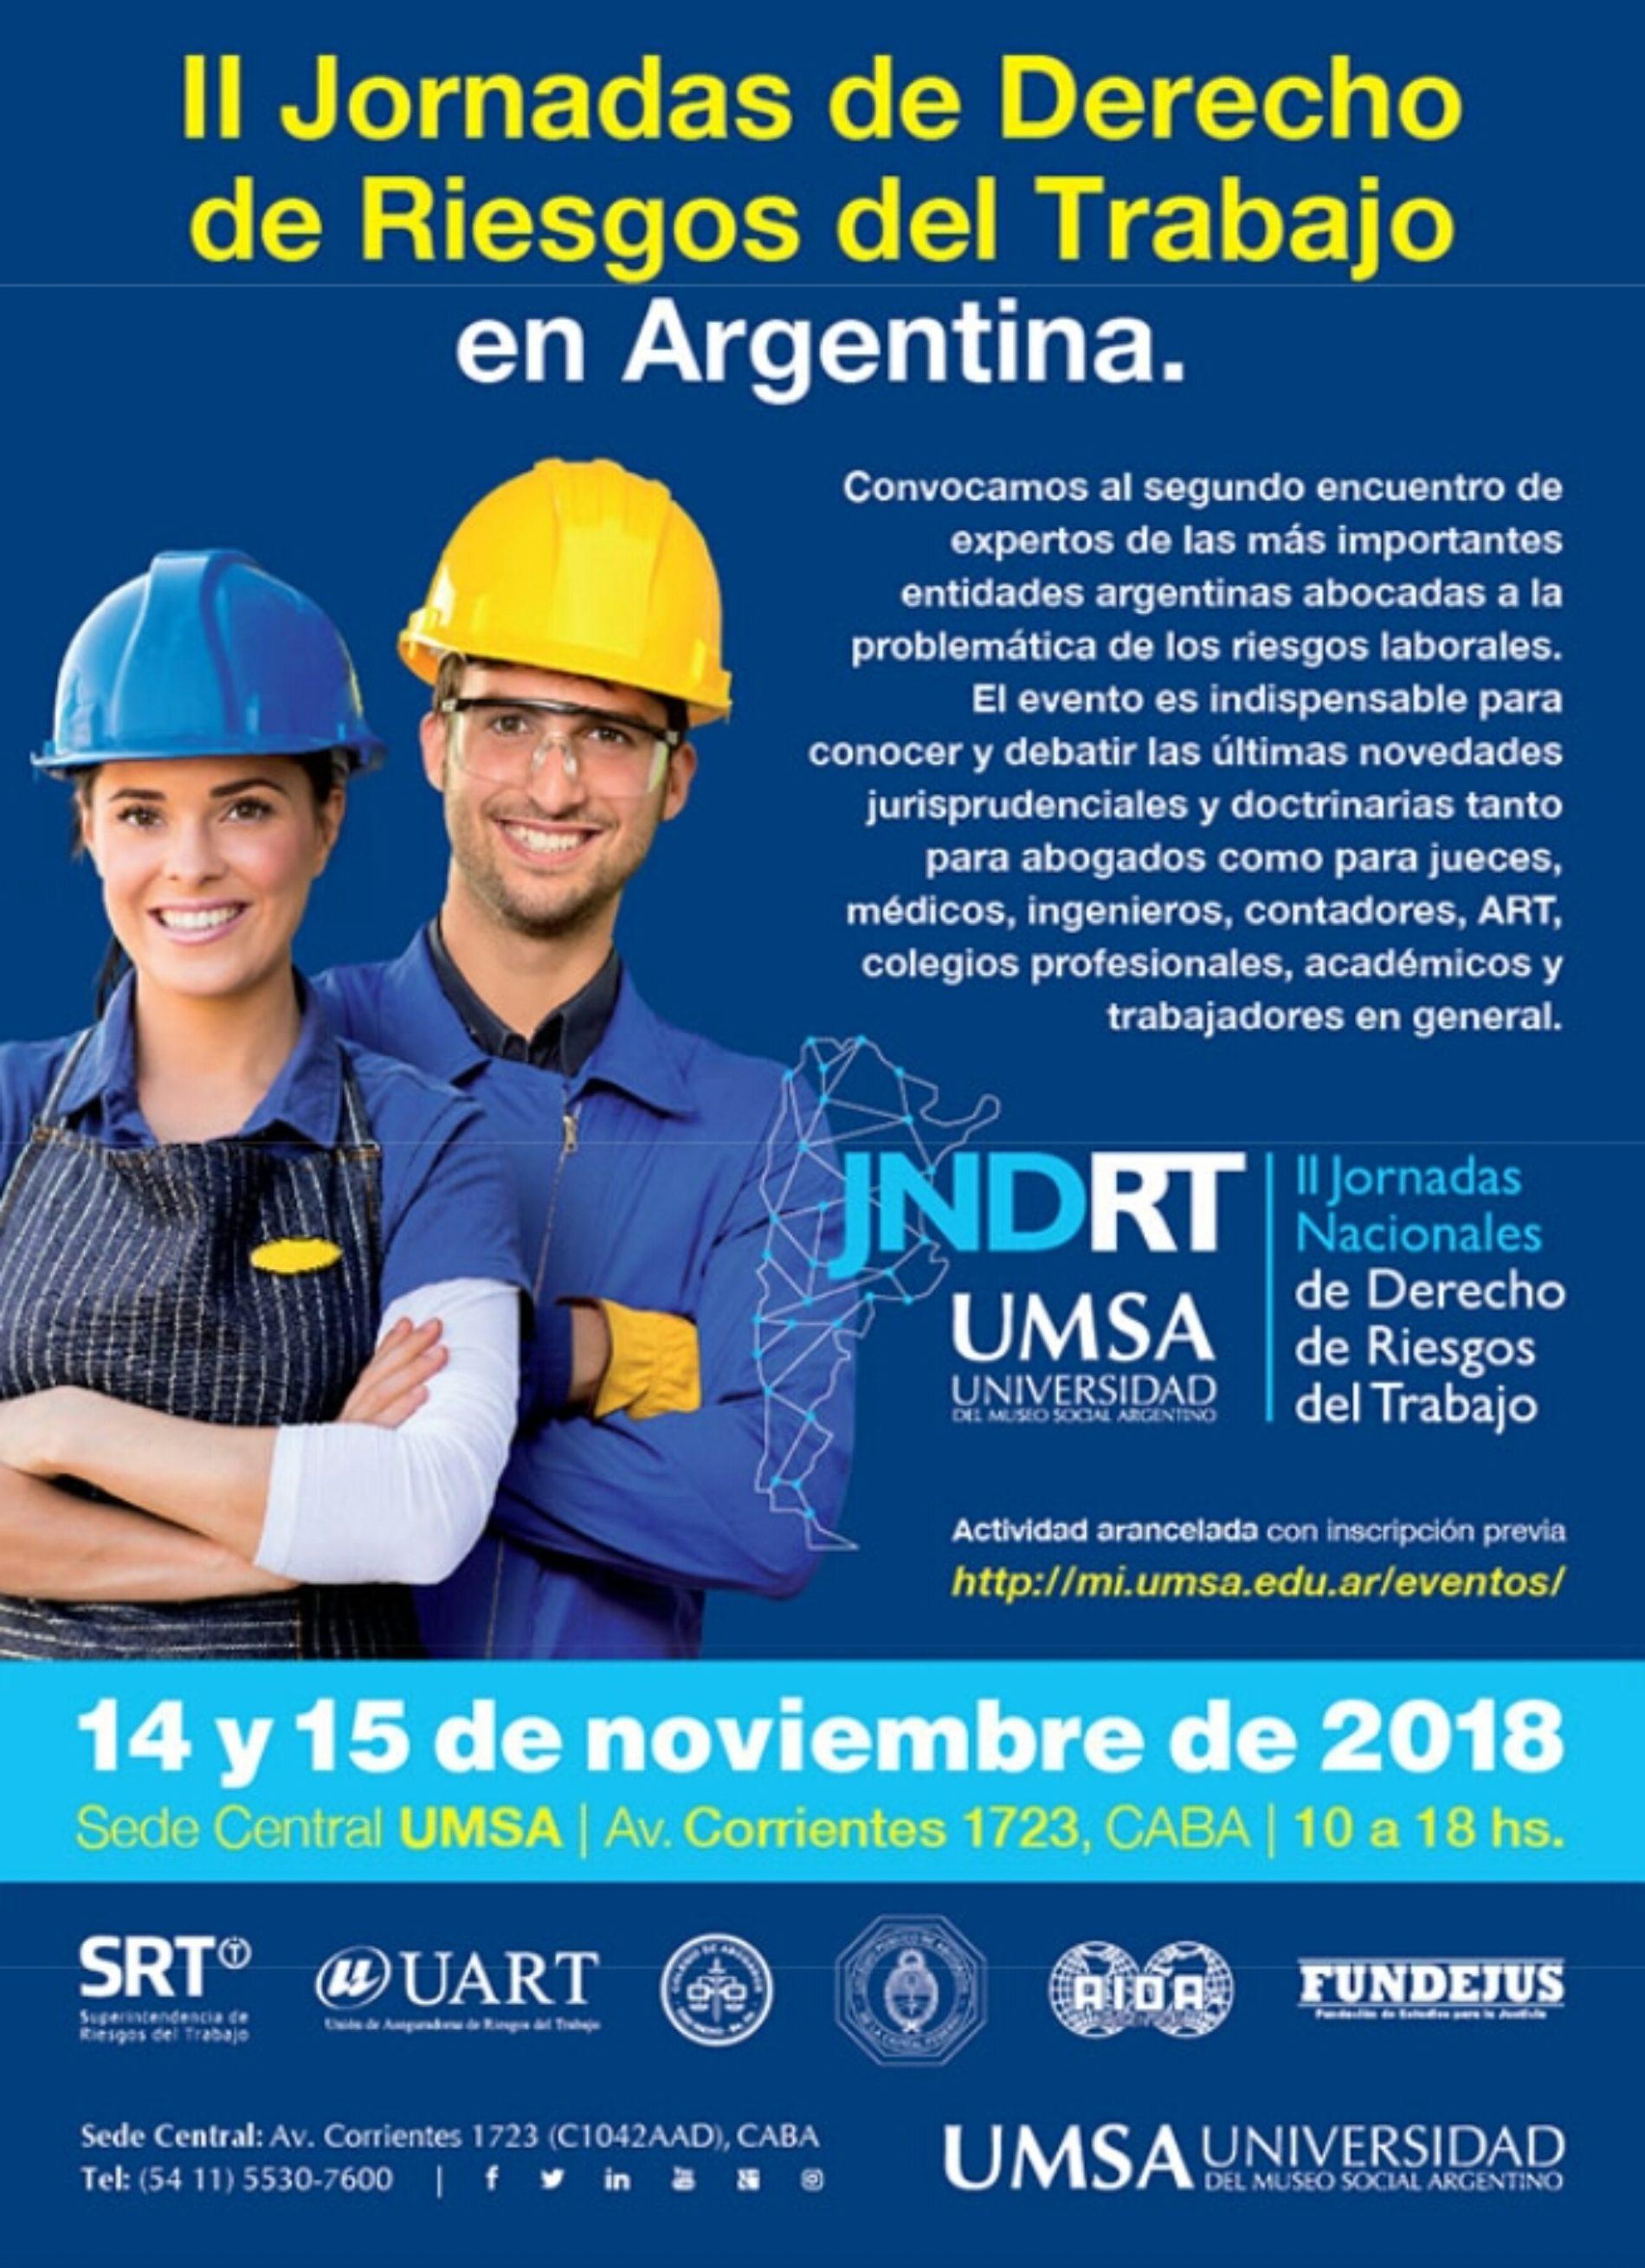 «II Jornadas de Derecho de Riesgos del Trabajo en Argentina»